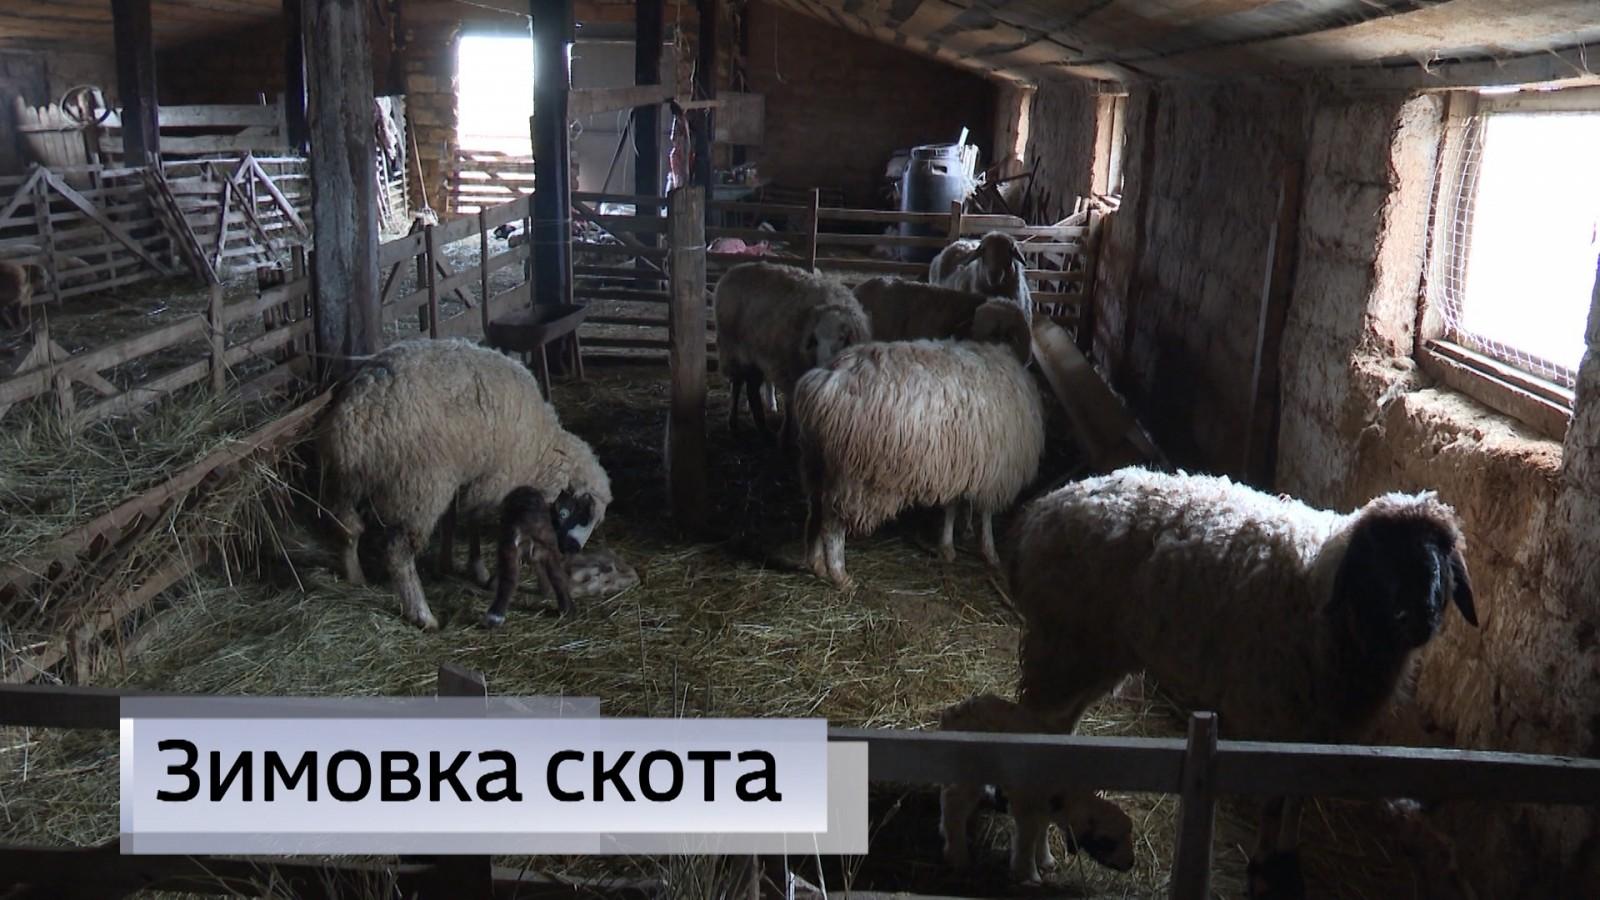 У животноводов республики продолжается зимовка скота